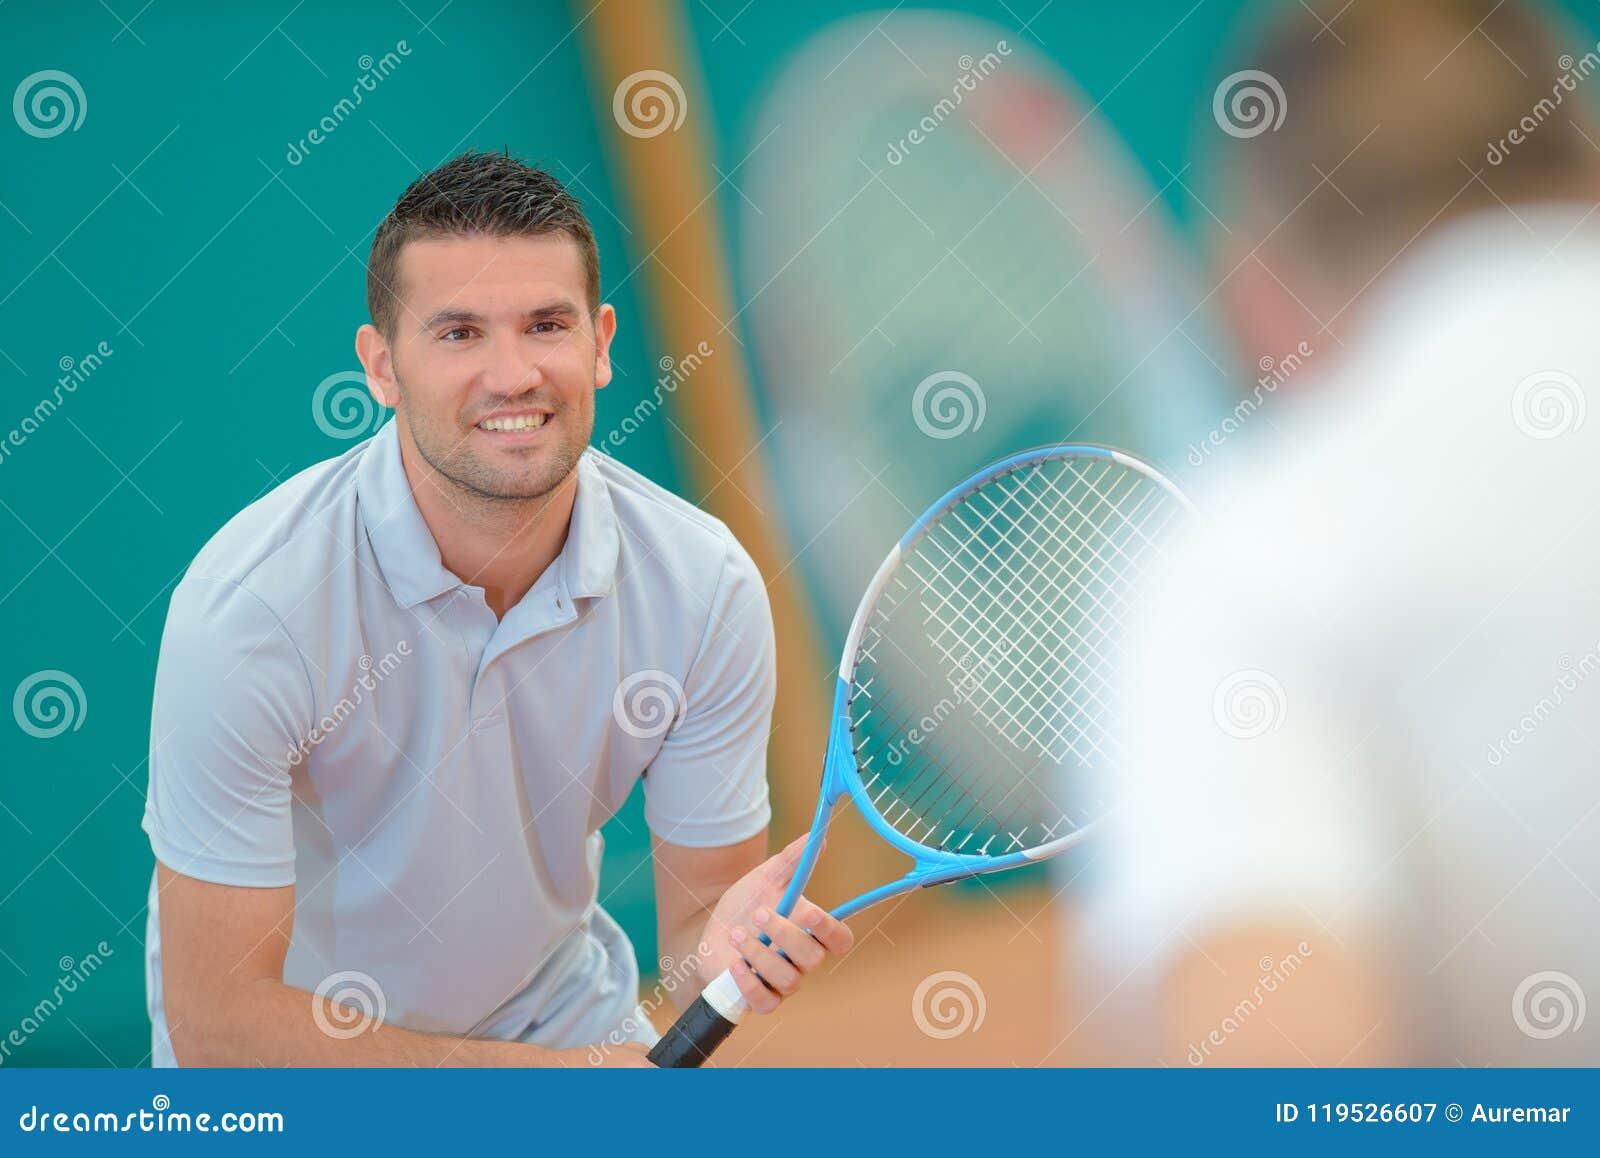 Un joueur de tennis préparé